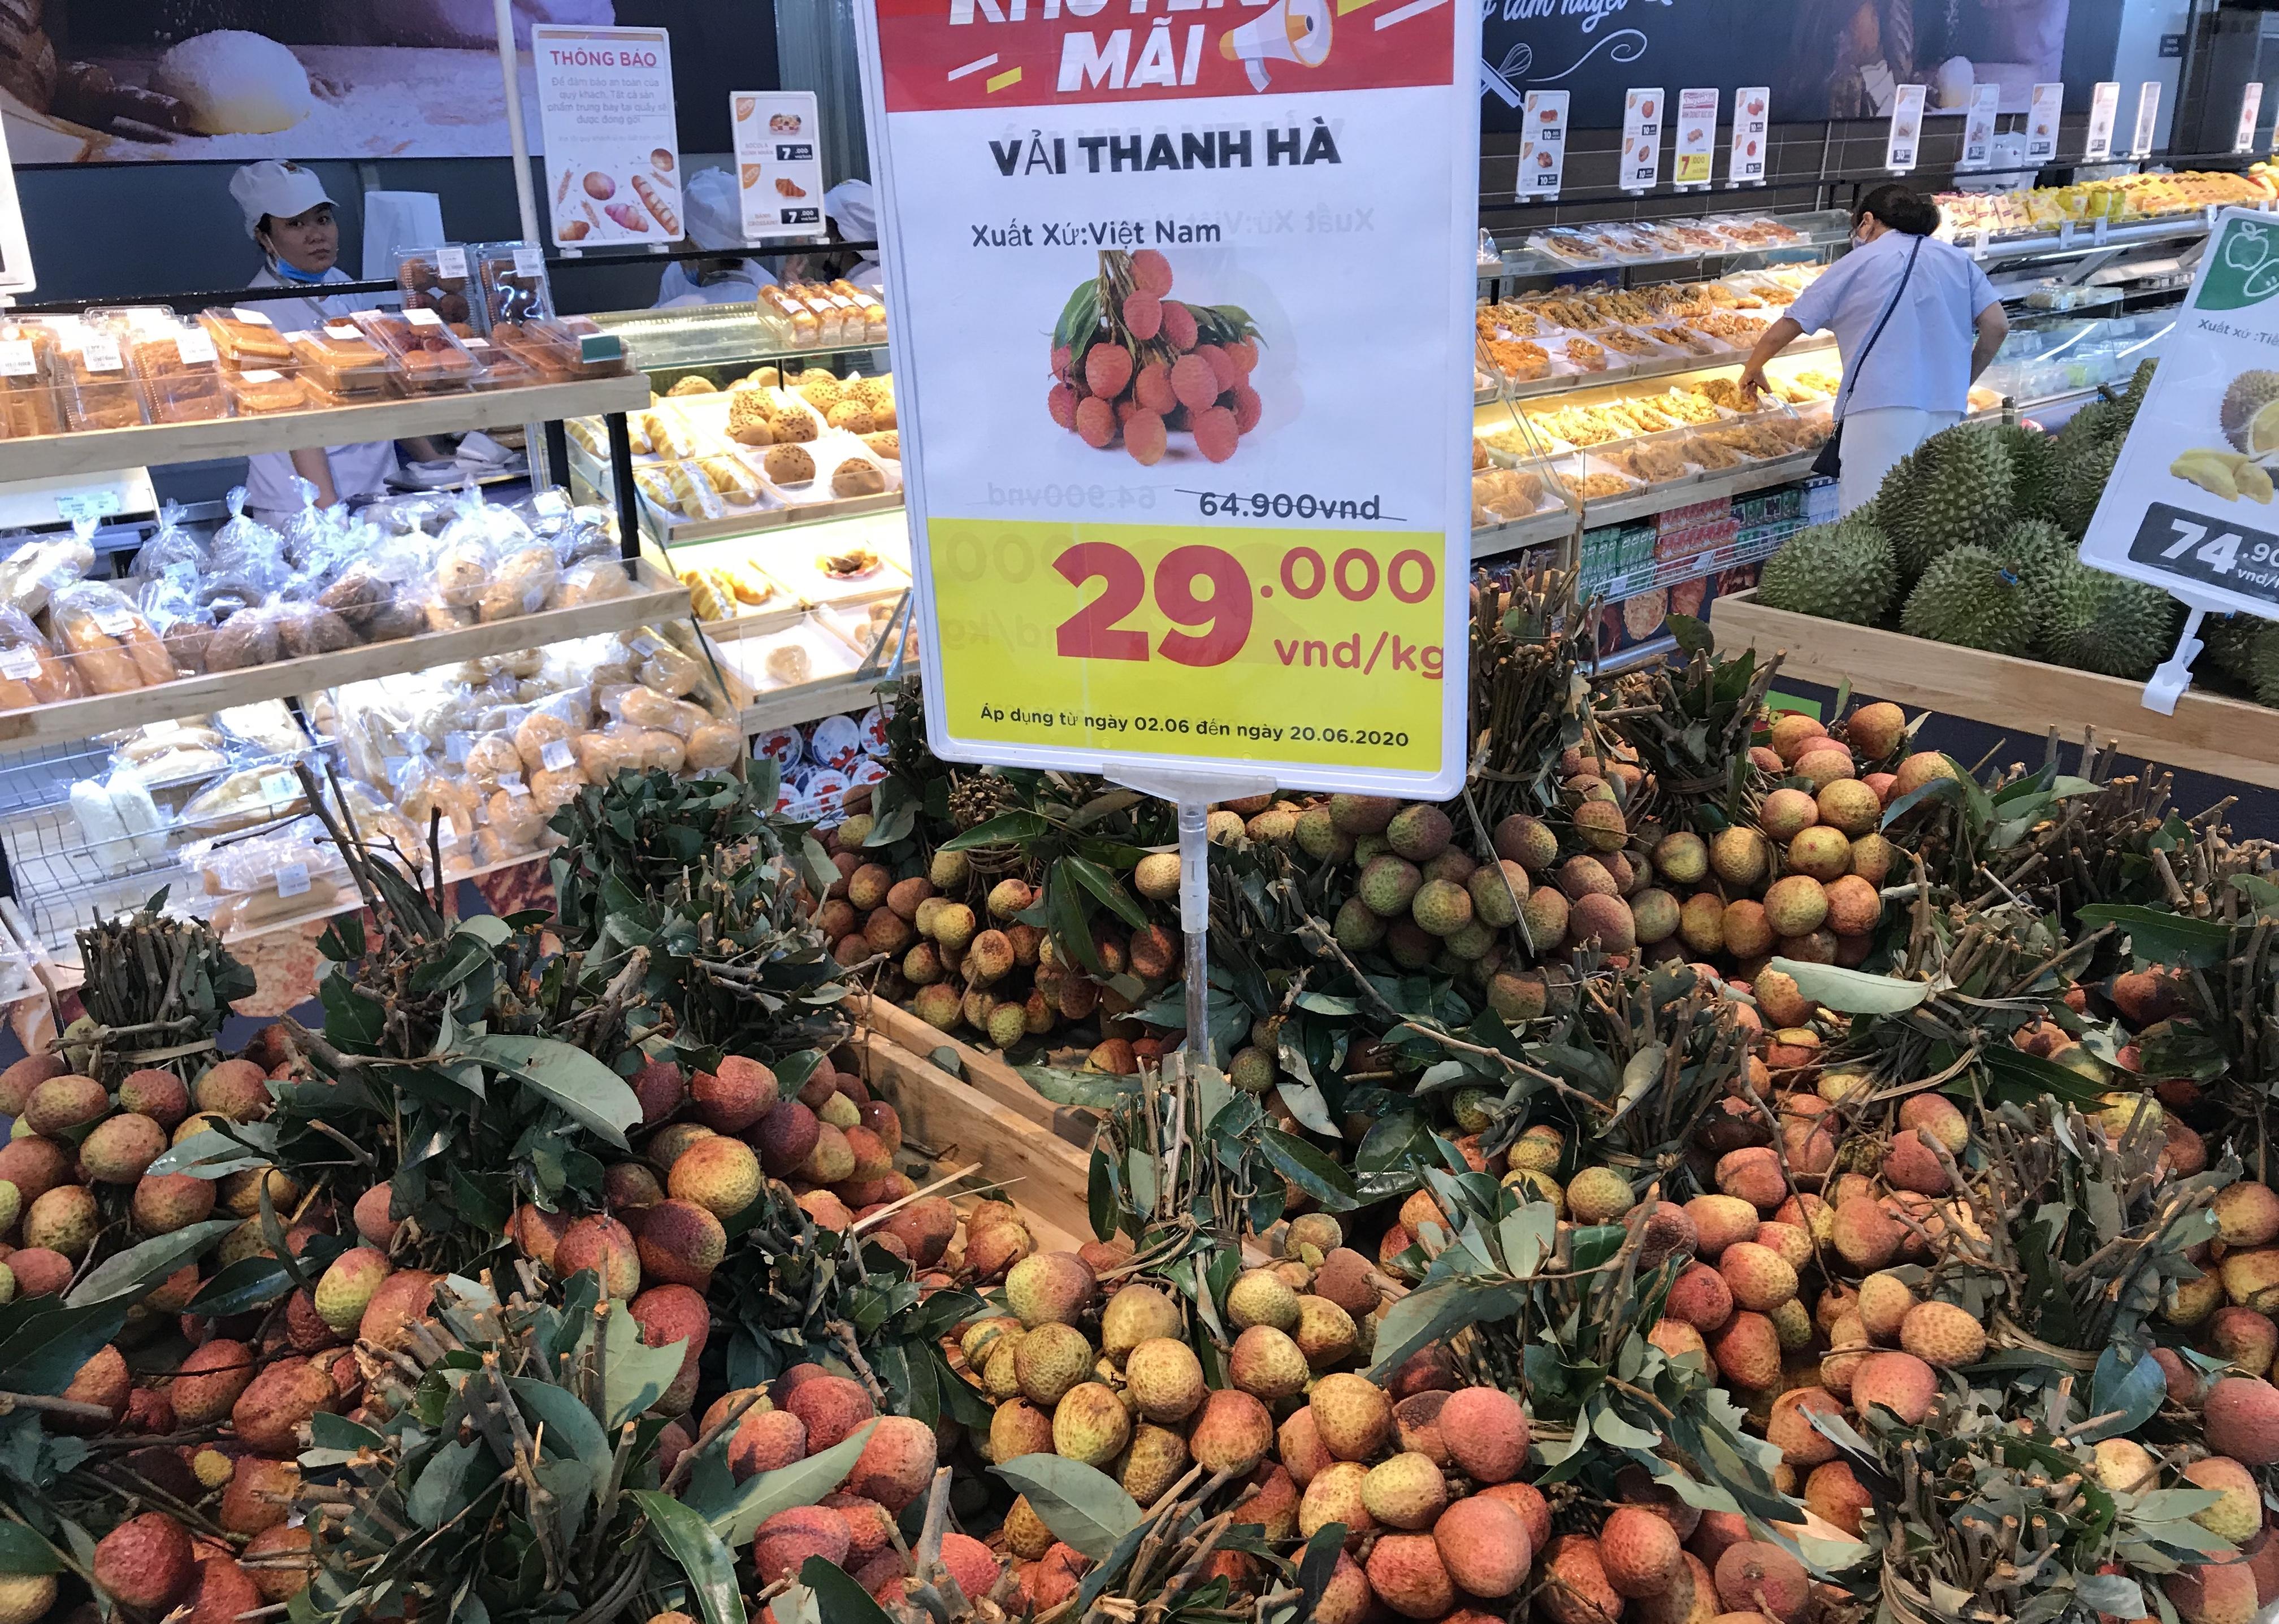 Big C miền Đông bất ngờ thông báo đóng cửa, người tiêu dùng sững sờ, siêu thị vắng lặng chiều nay - Ảnh 7.